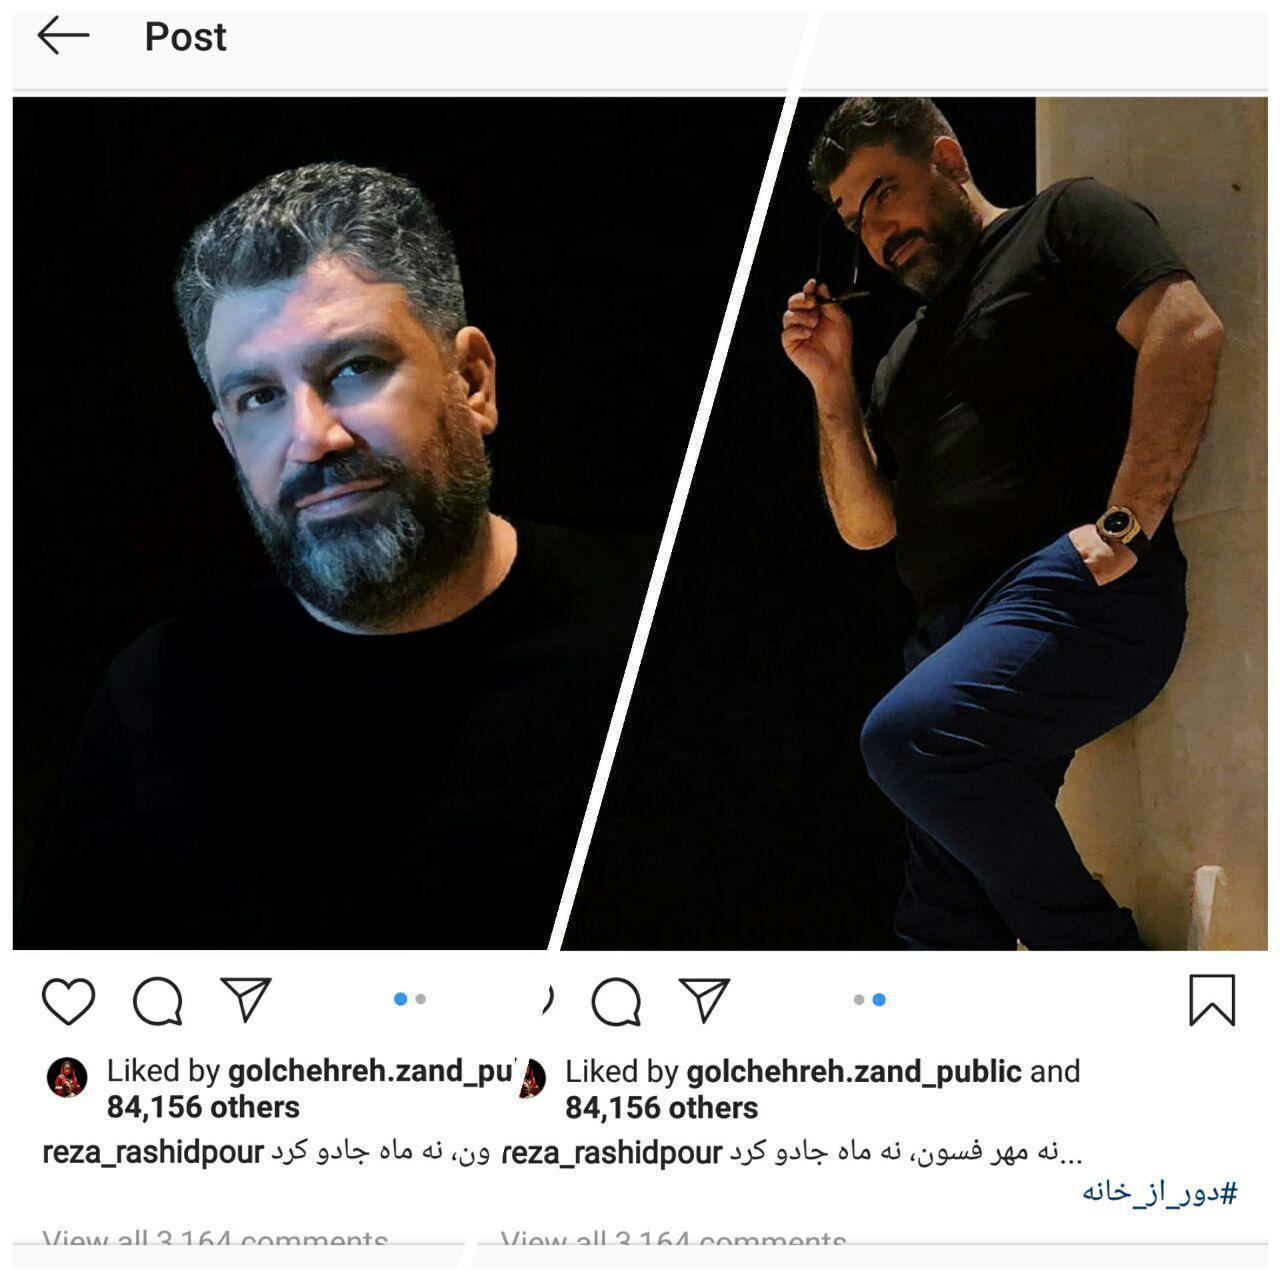 چهره جدید رضا رشیدپور در پست جدید وی با مفهومی گنگ (عکس)